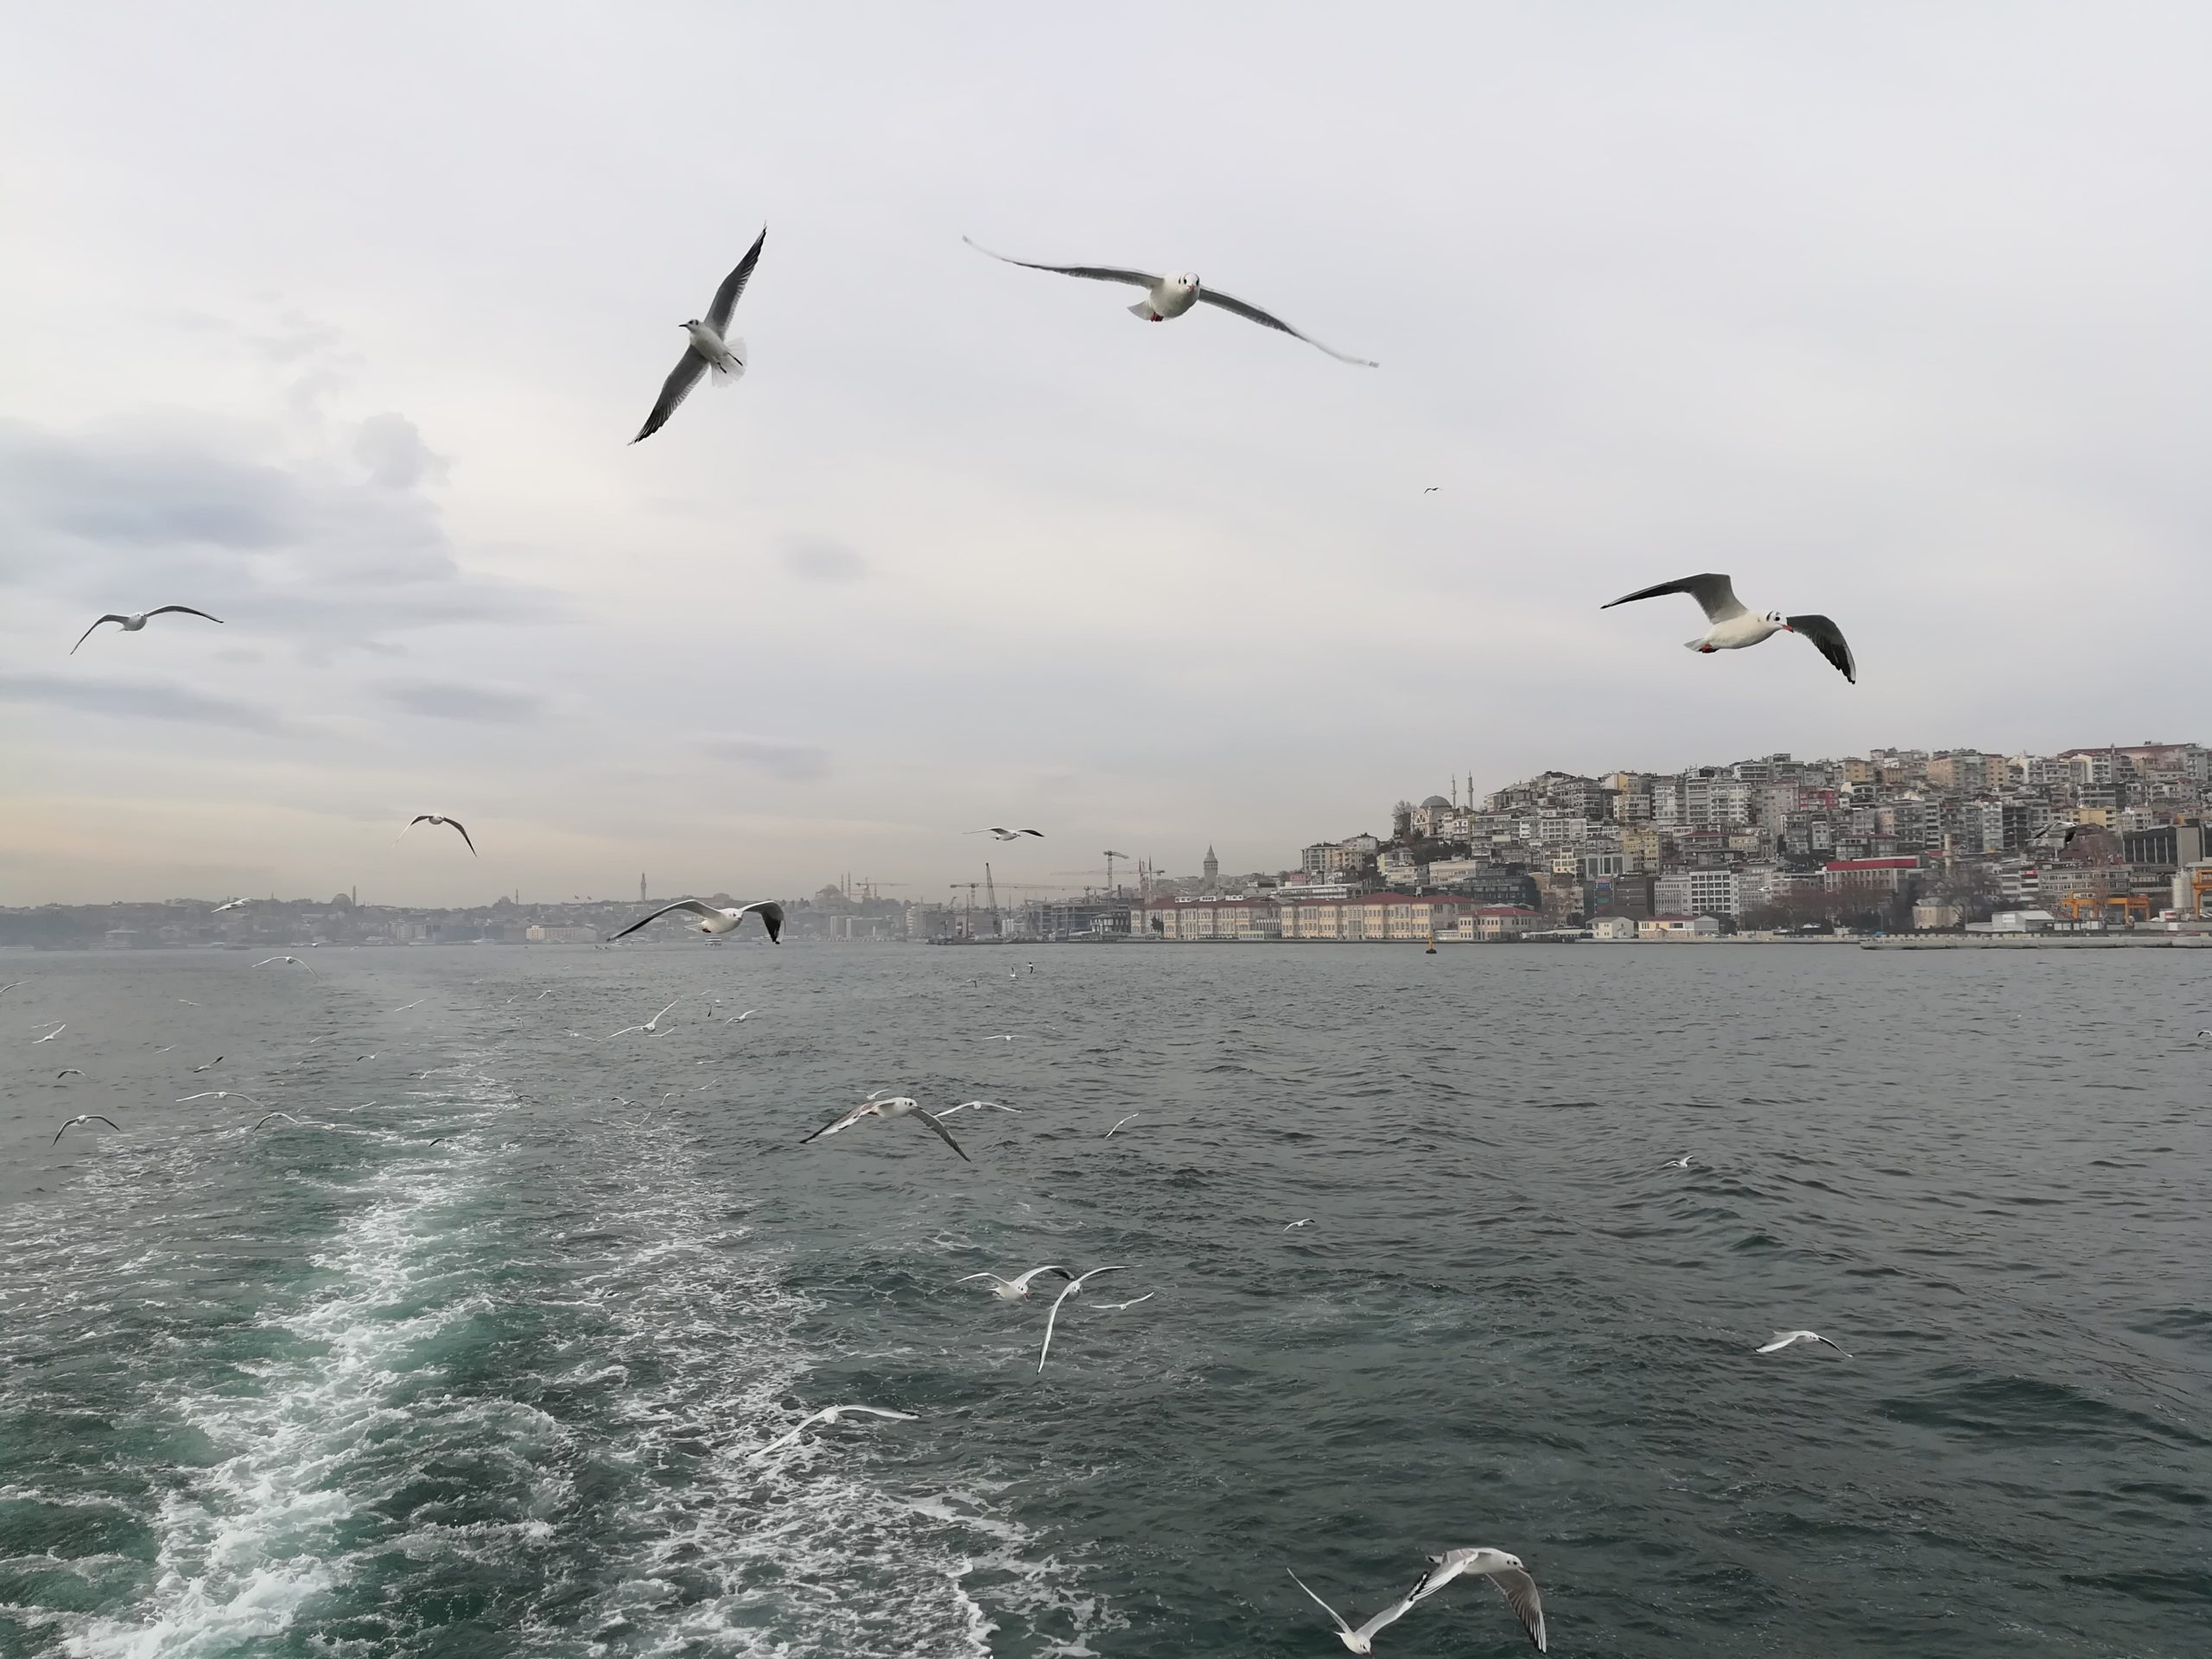 Круиз по Босфору, Стамбул, Турция